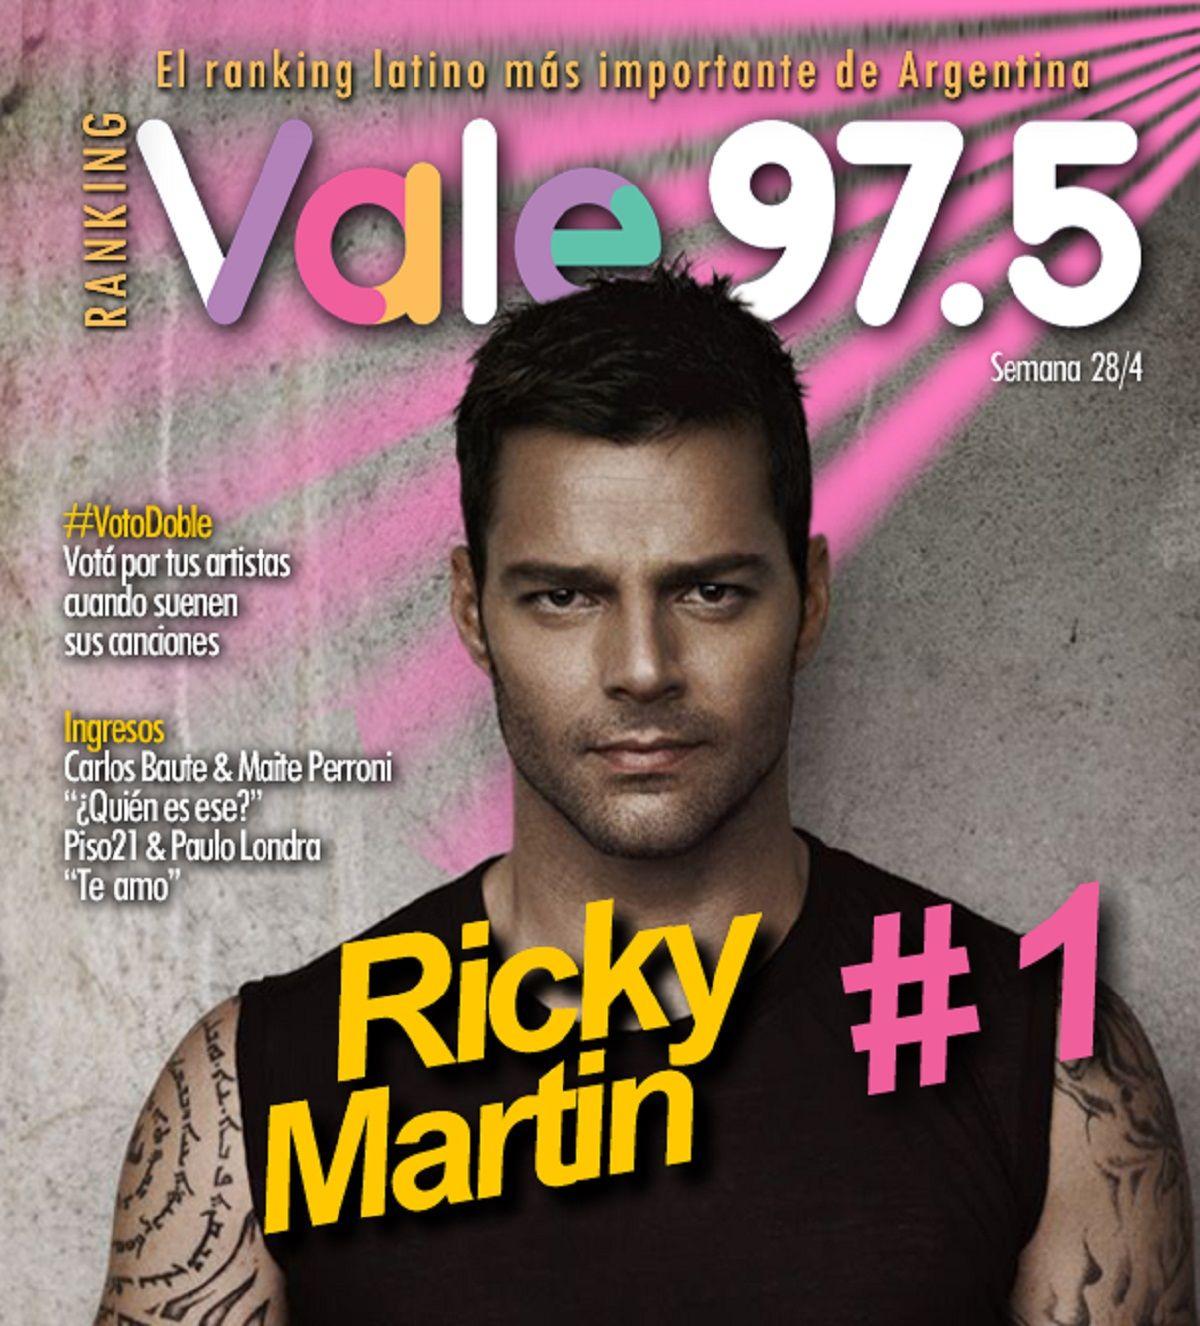 Ricky Martin, el rey del Ranking Vale